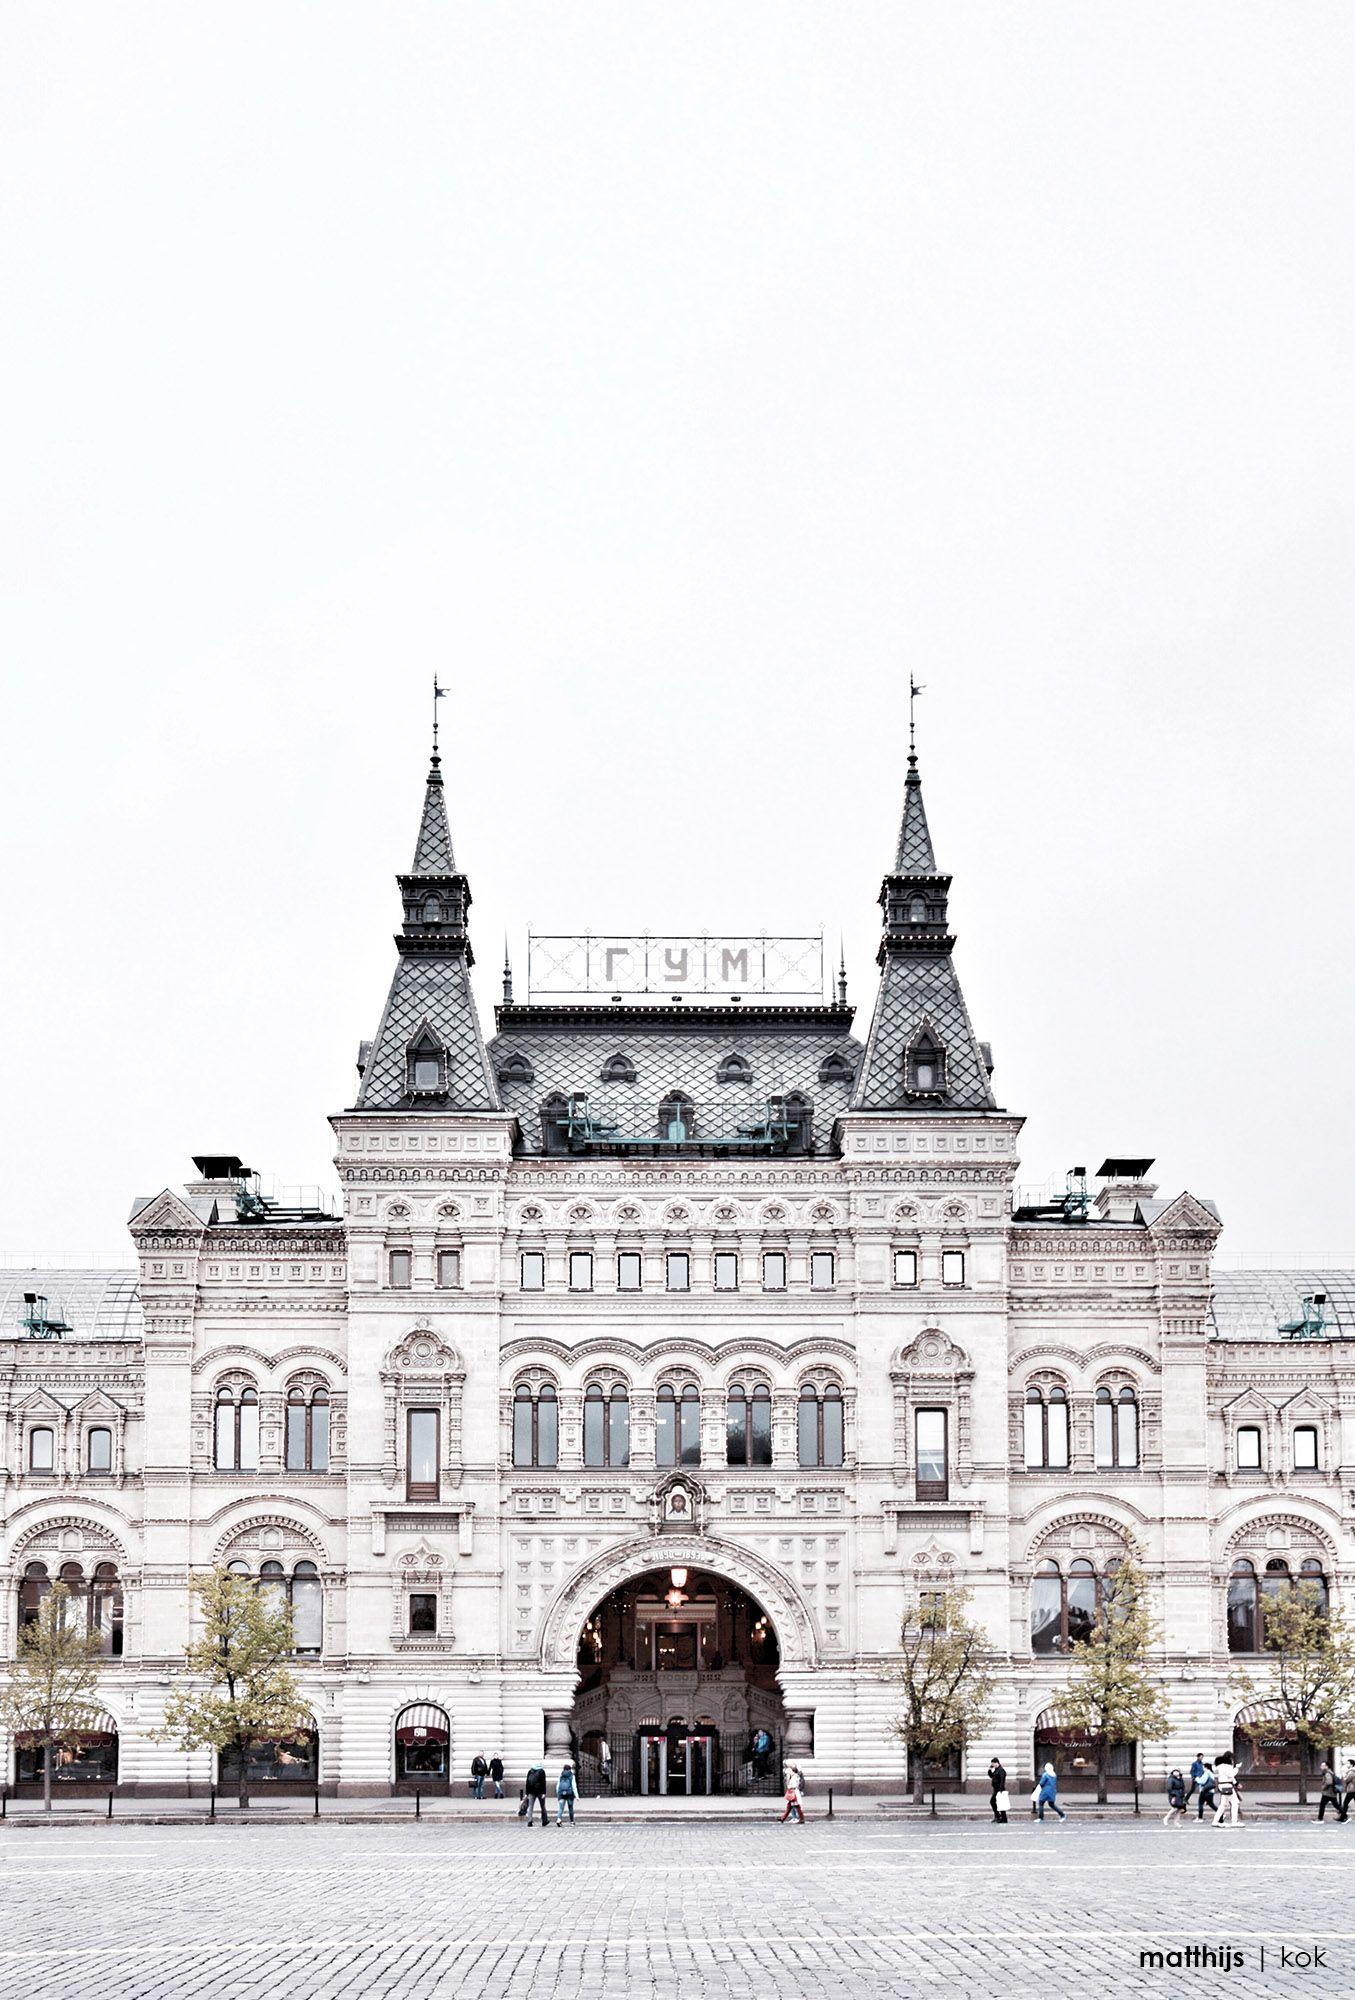 Gum Moscow Photo By Matthijs Kok Turisticheskaya Fotografiya Puteshestviya Krasivye Mesta